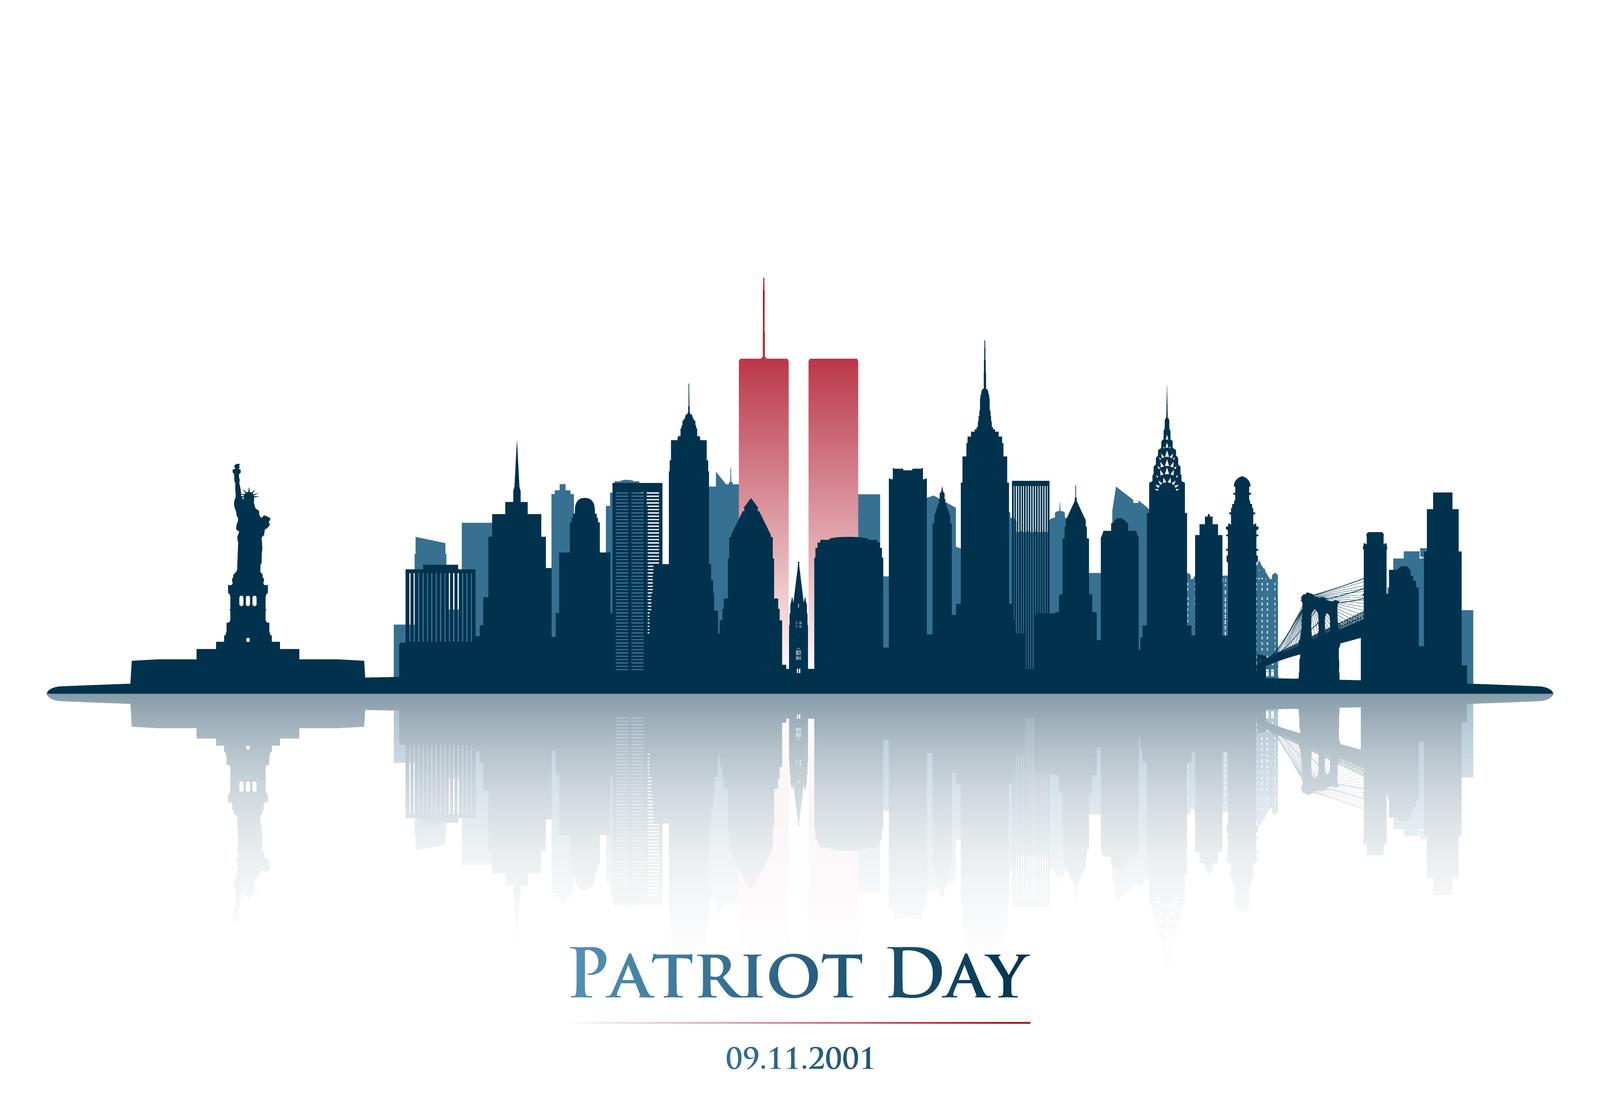 Patriot Dayl